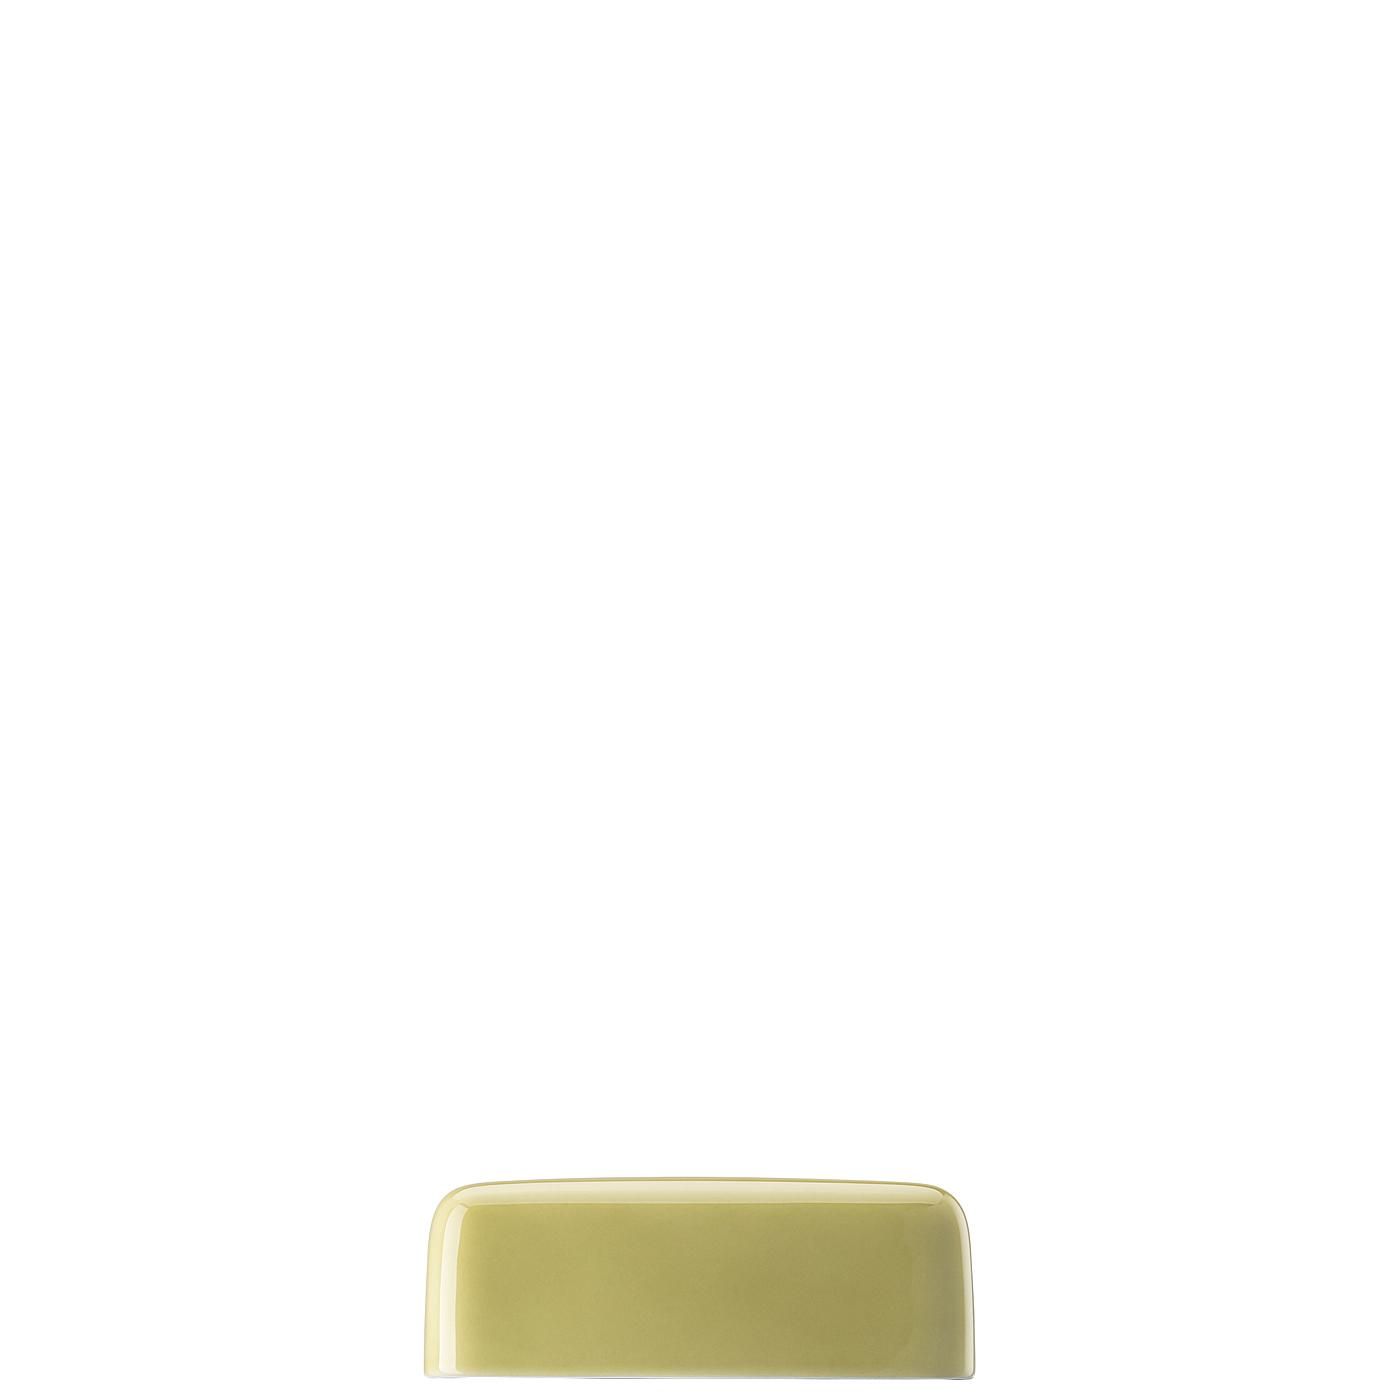 Butterdose Deckel Sunny Day Avocado Green Thomas Porzellan